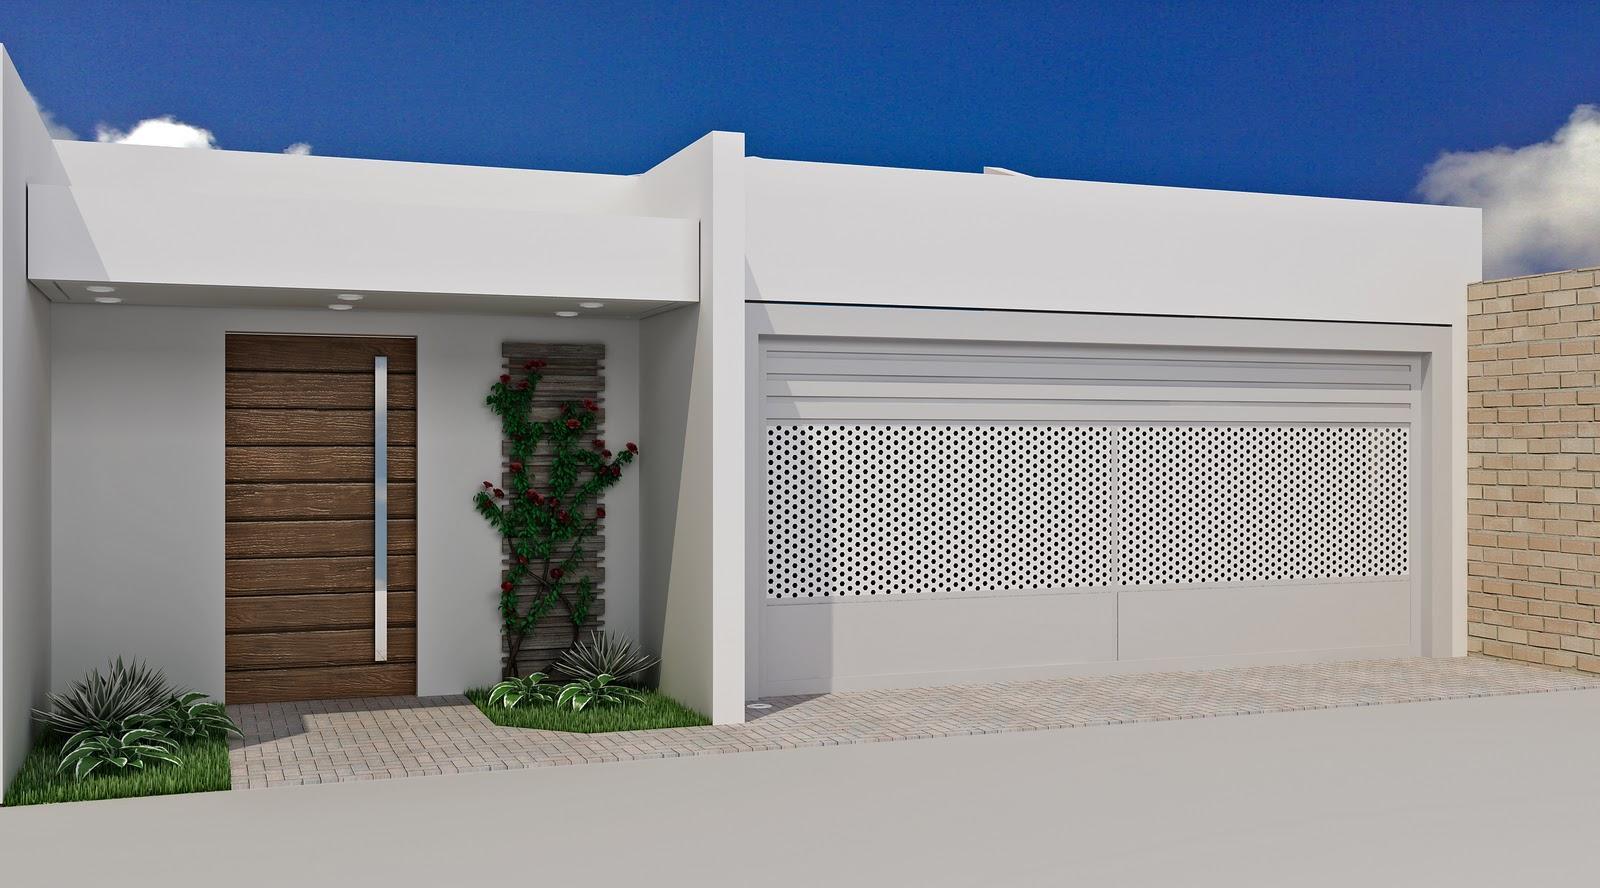 Les portes font partie du mur résidentiel